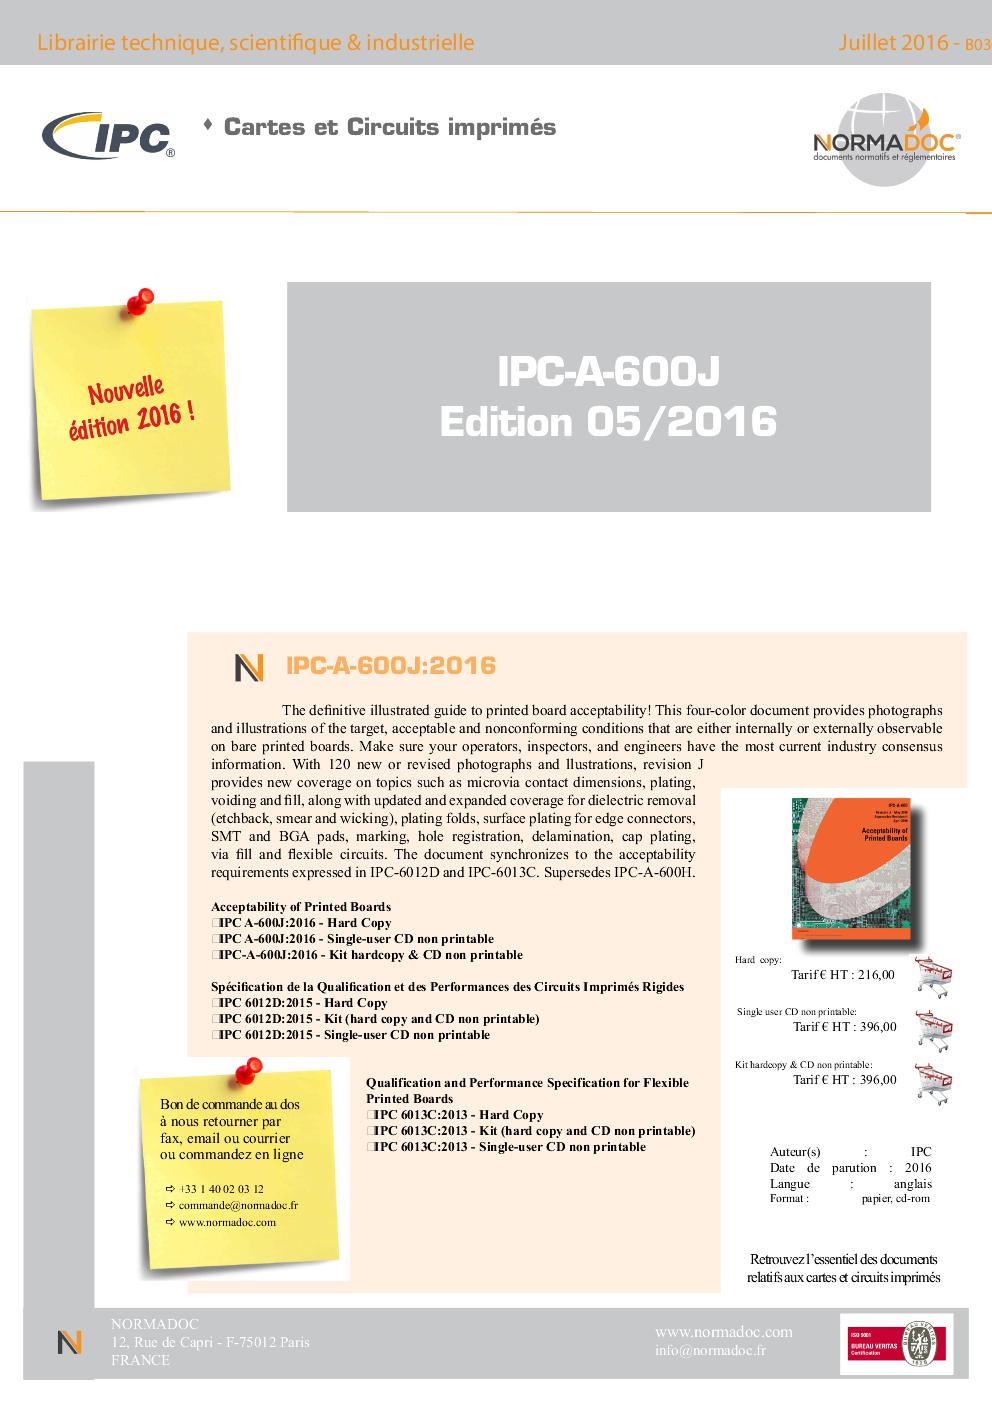 IPC-A-600J:2016